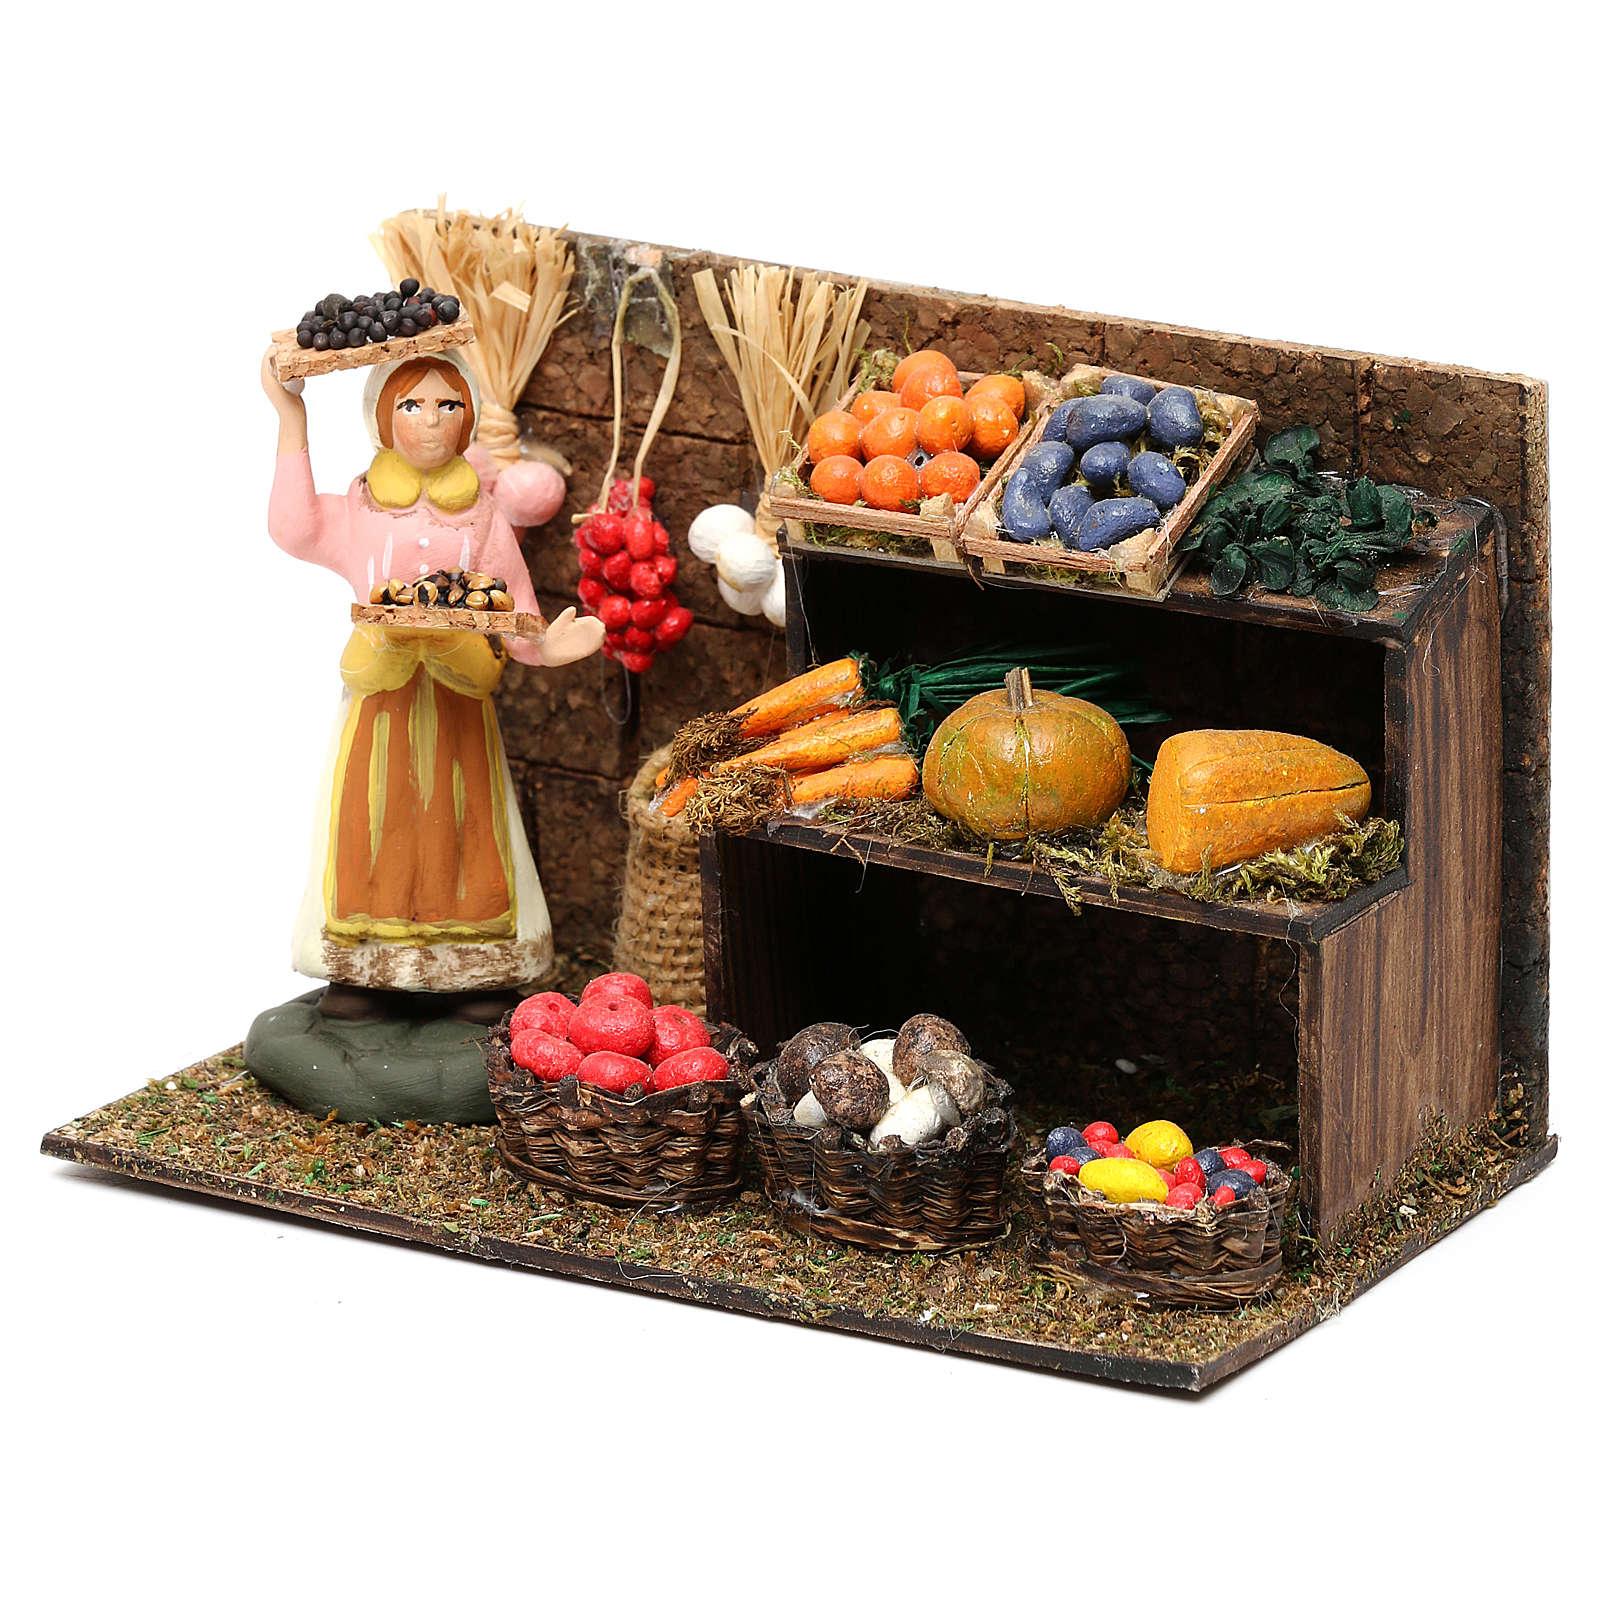 Scena fruttivendola con banco frutta e verdura cm 8 presepe napoletano 4